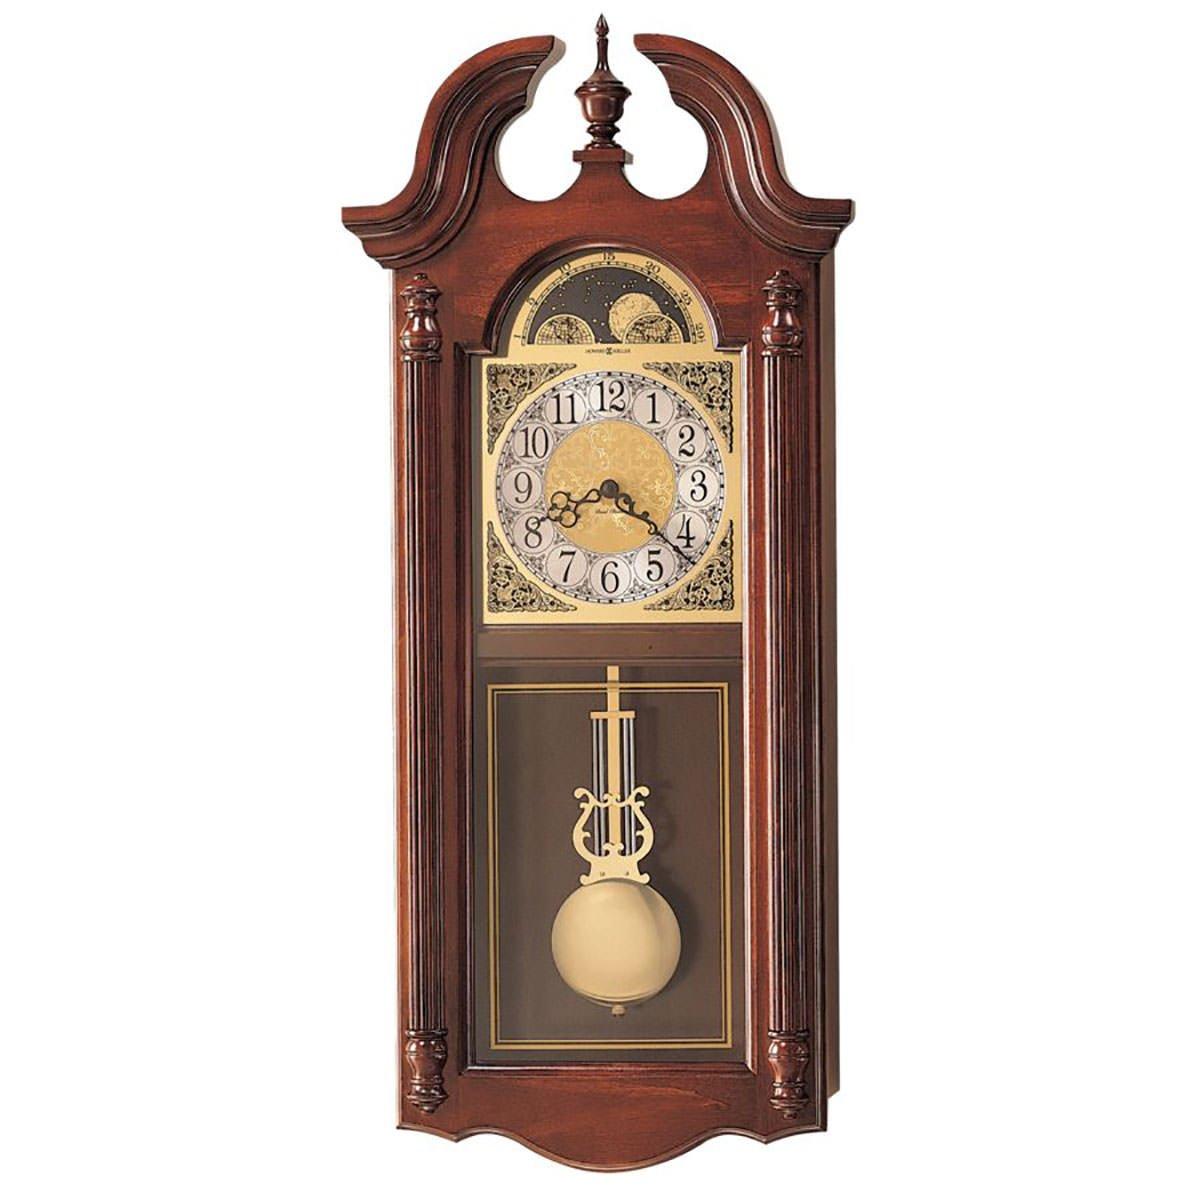 620 158 fenwick wall clock by howard miller amipublicfo Gallery